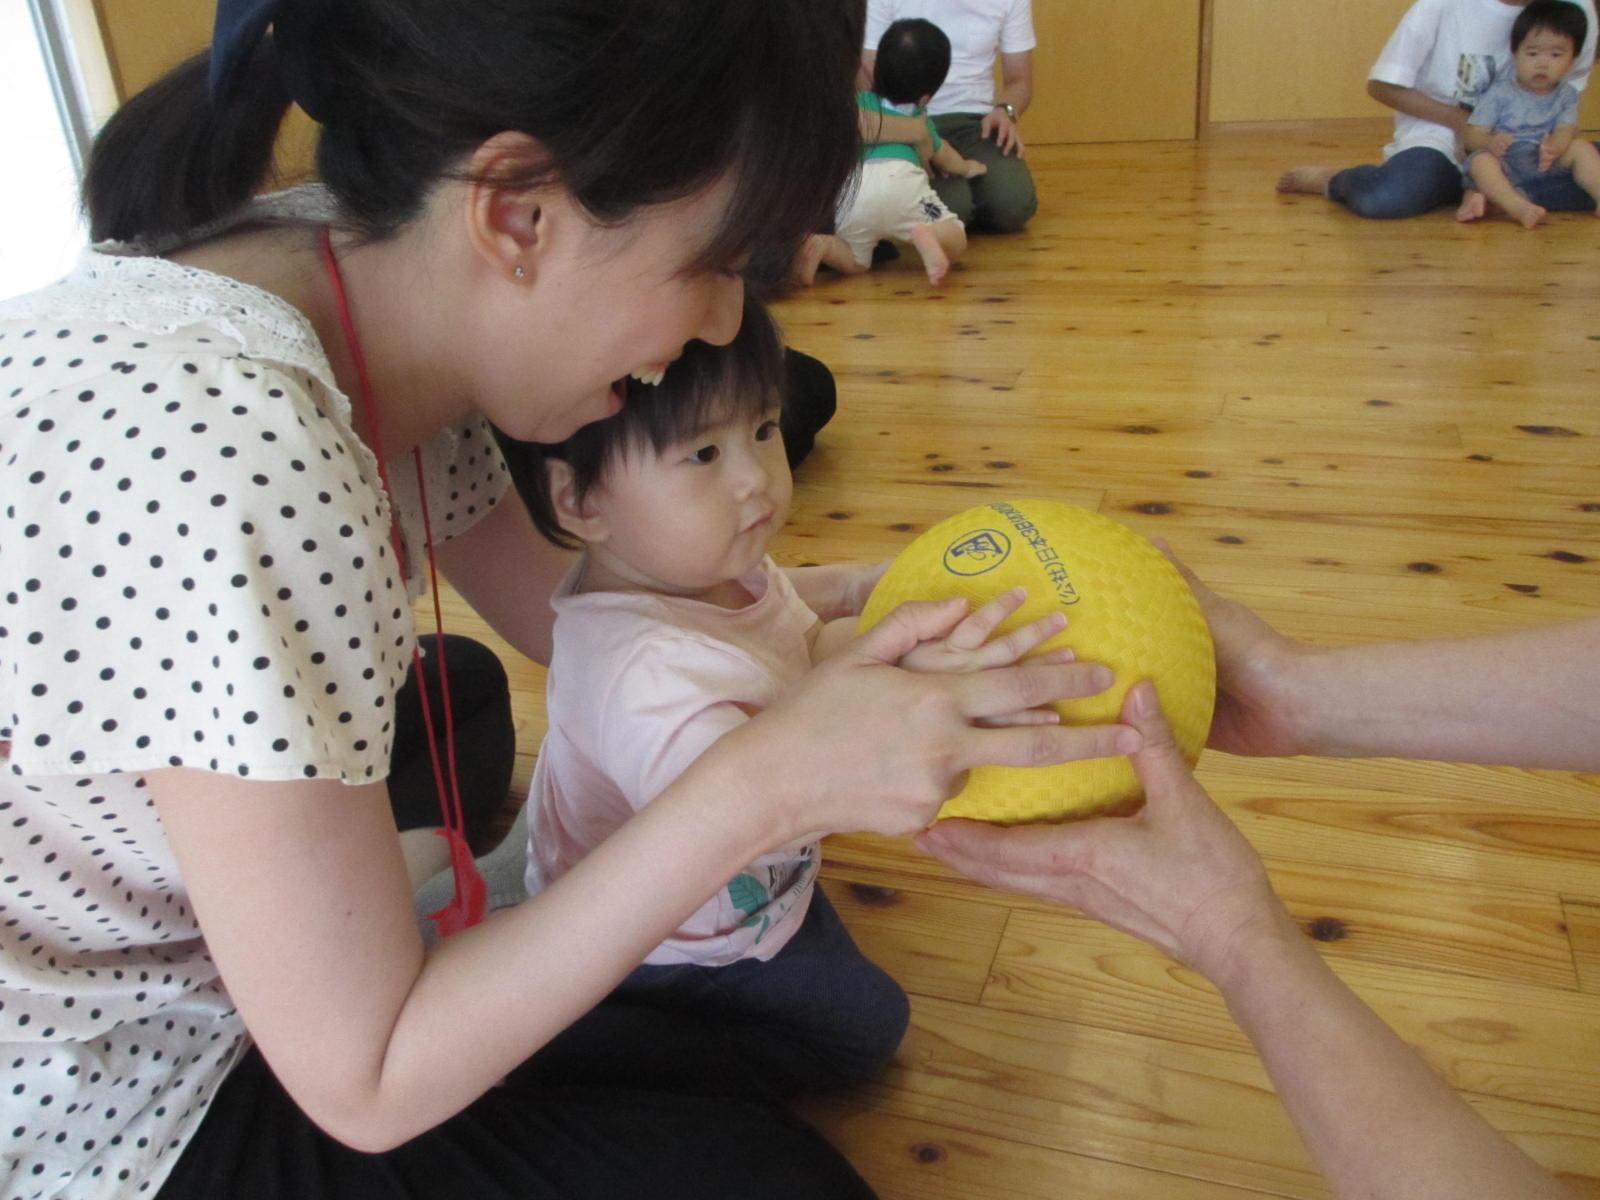 【中止】小さなキッズとママの時間 親子3B体操教室(5月)